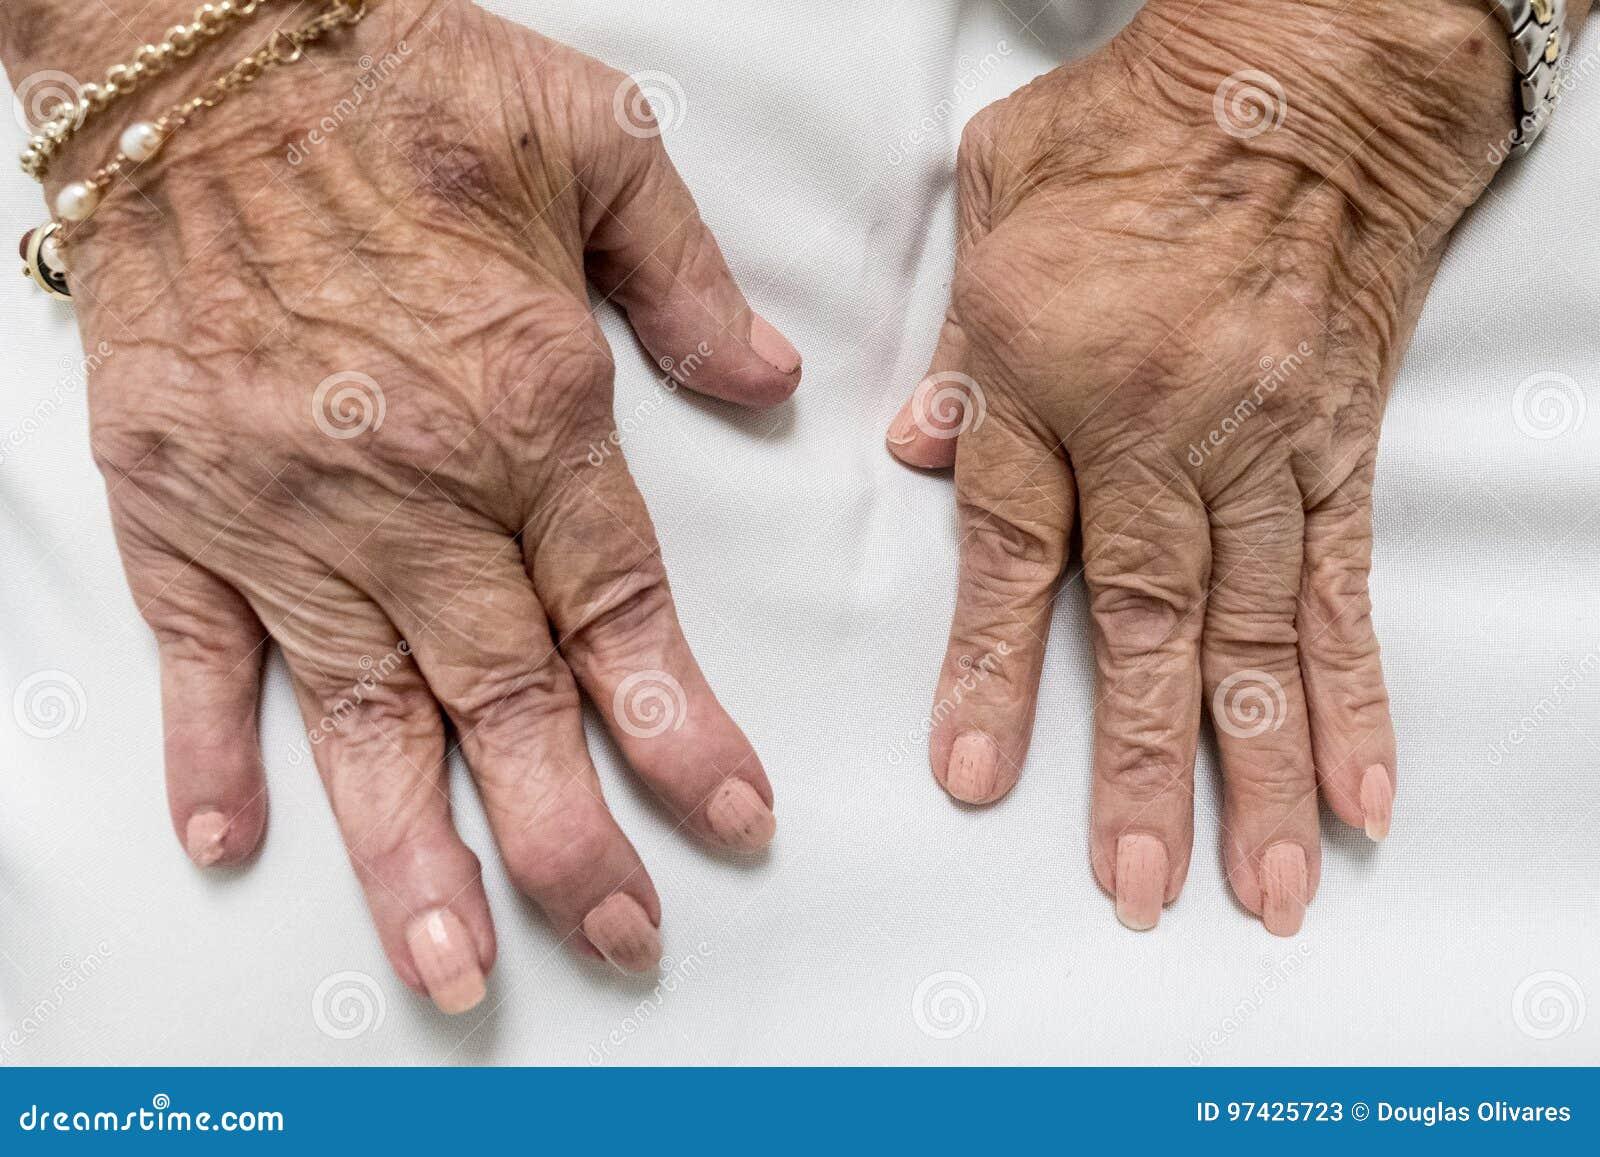 Artrite Reumatoide Mani Senior Immagine Stock Immagine Di Caldo Gonfiato 97425723